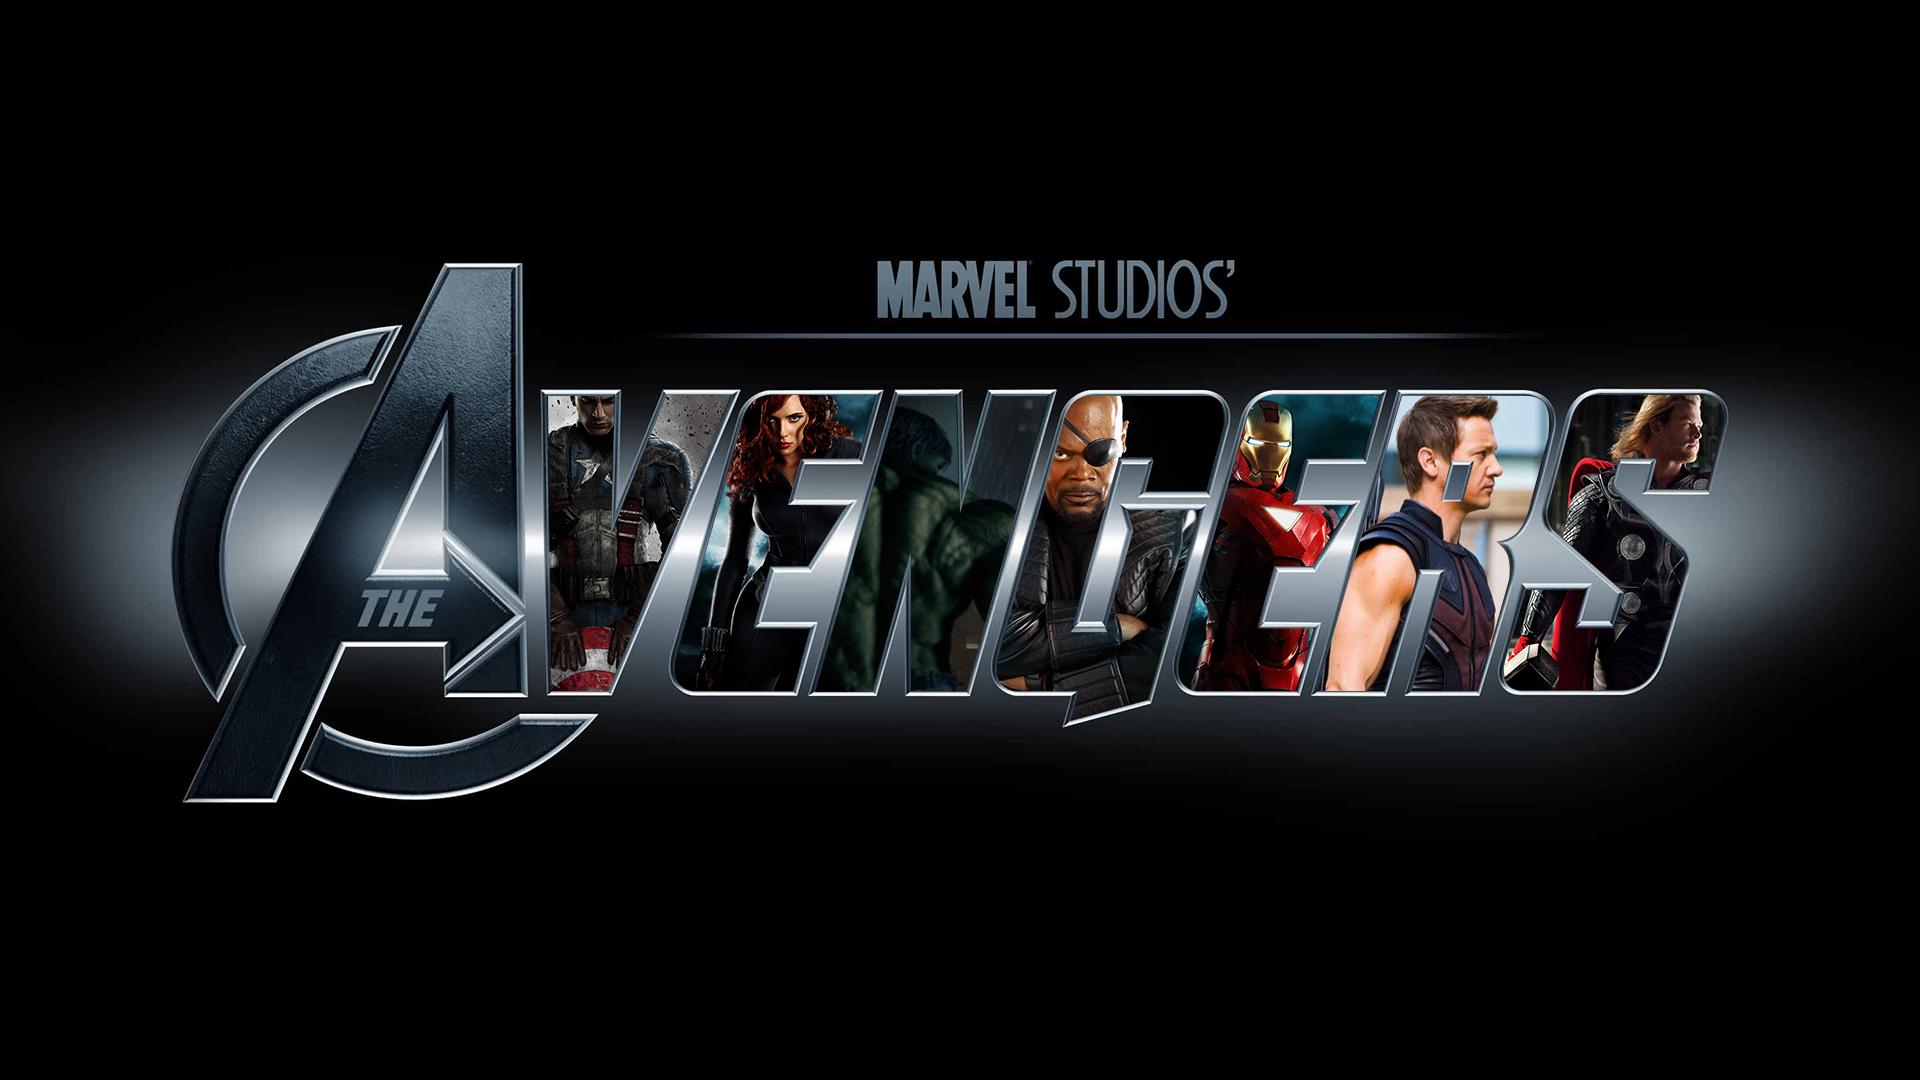 The Avengers: The Avengers Wallpaper 22